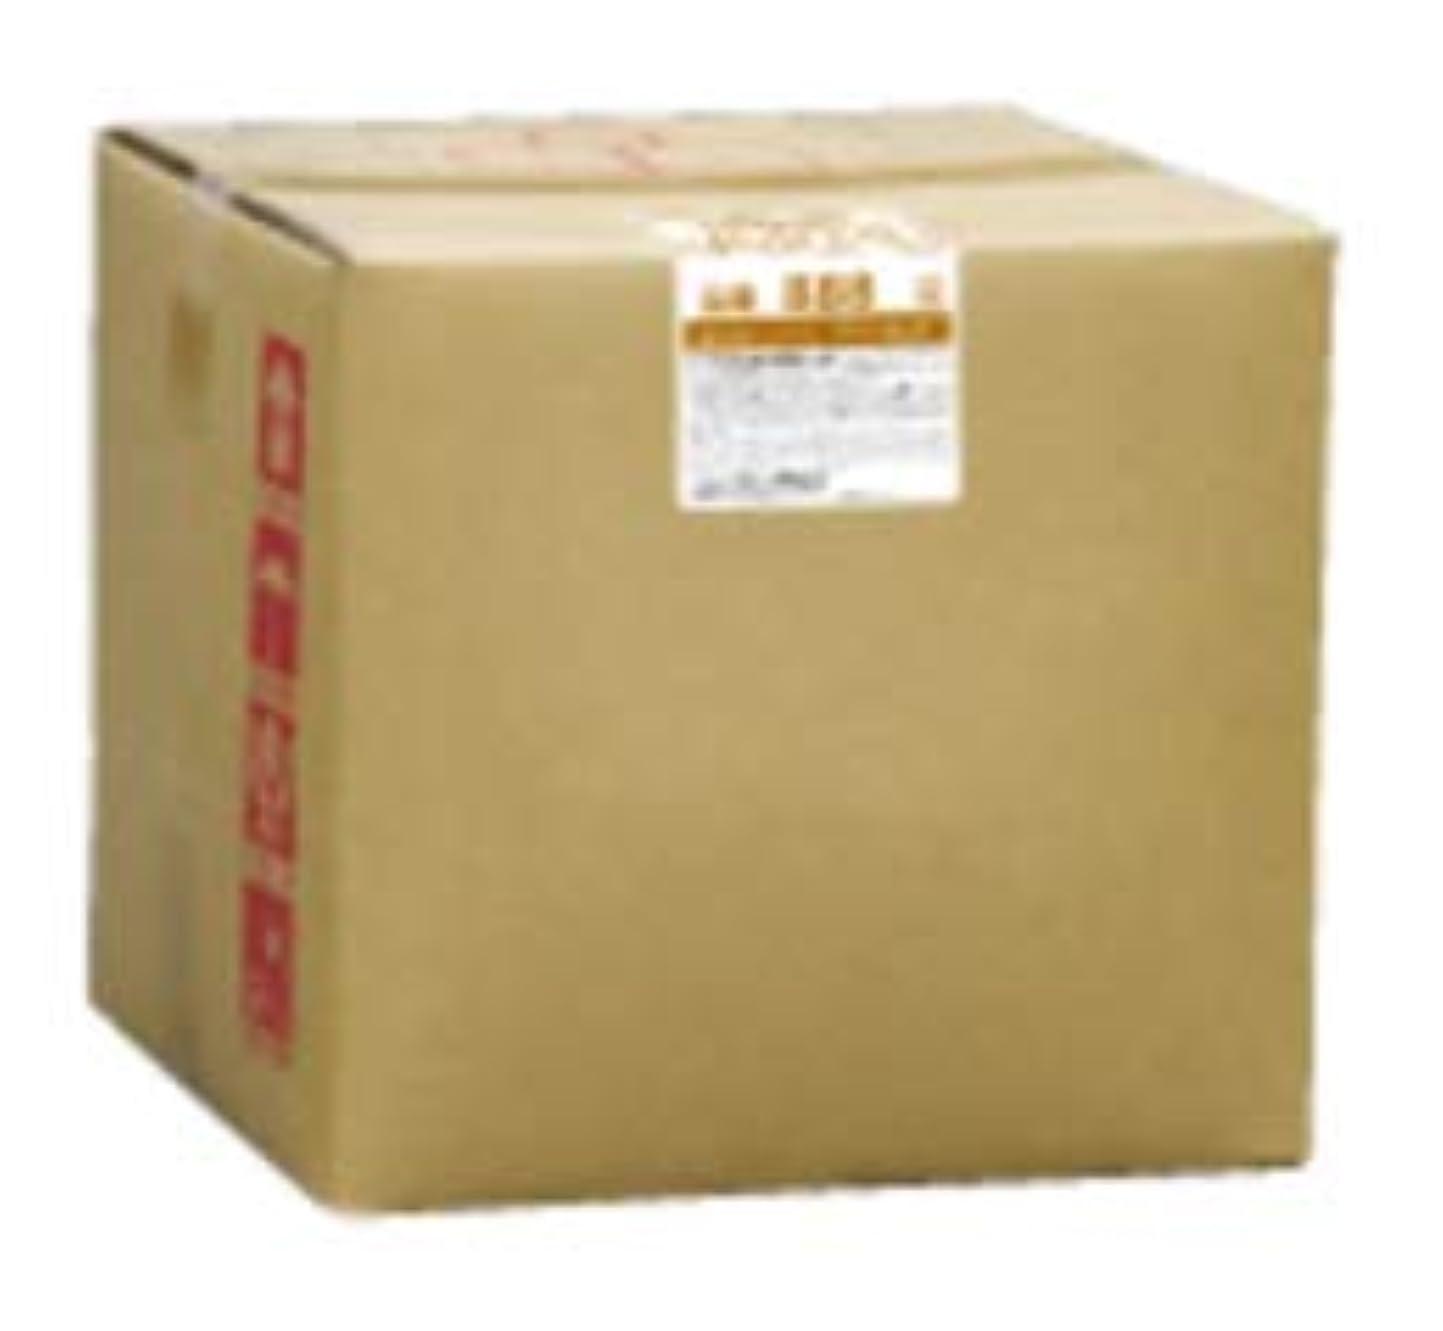 いくつかの手書きいろいろフタバ化学 スパジアス ボディソープ 18L 詰め替え 800ml専用空容器付 黒糖と蜂蜜